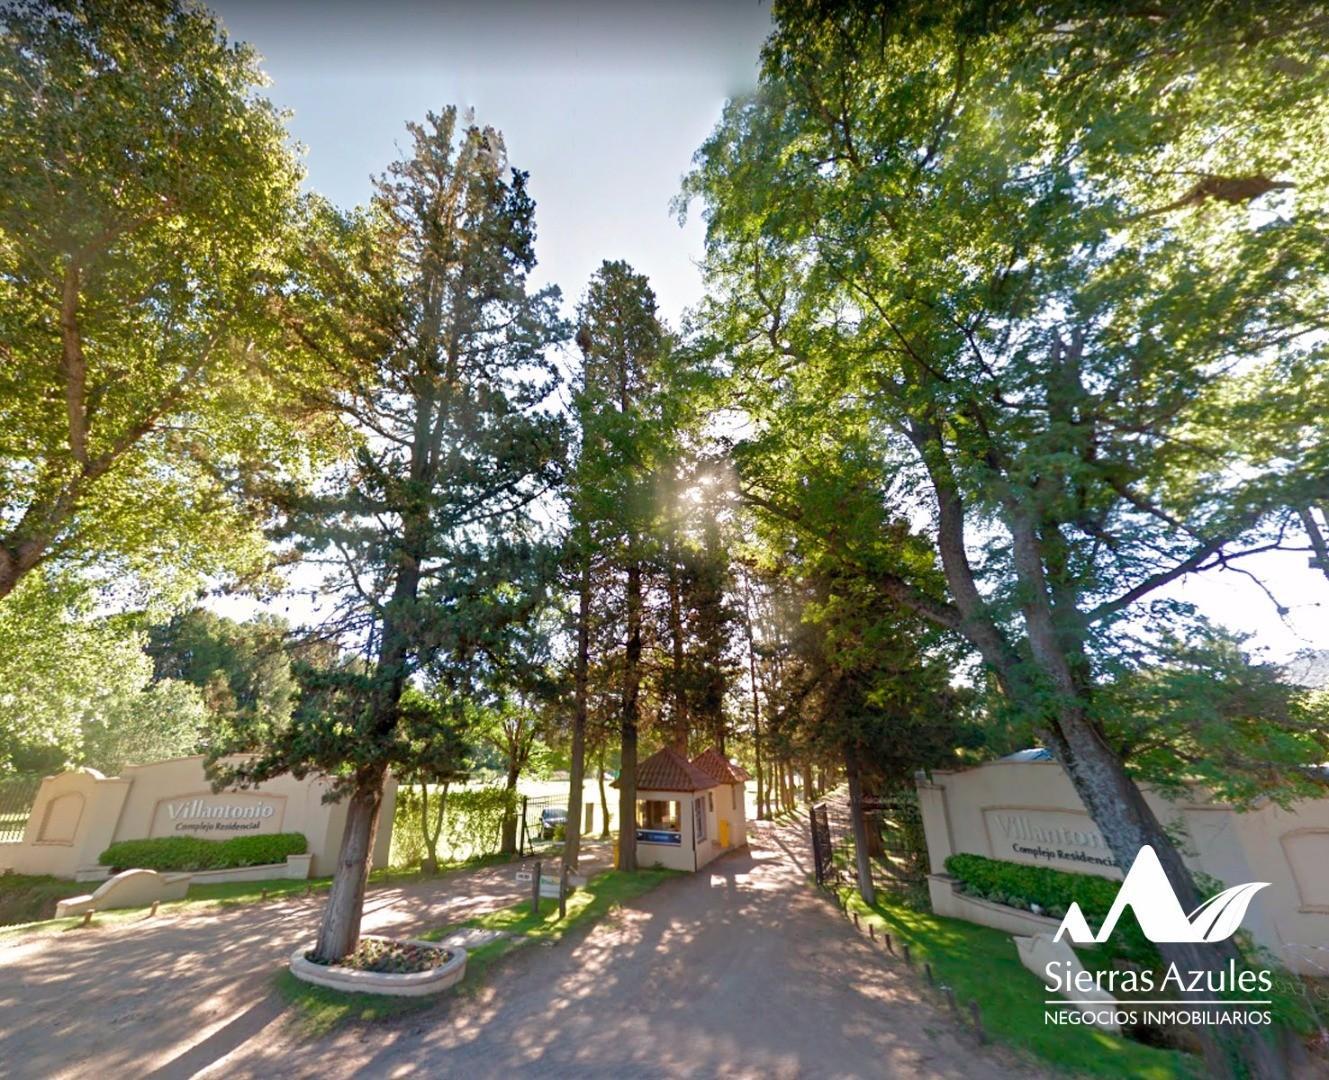 Country Villa Antonio 1ª etapa, lote 600 m2. Las Chacras. San Luis-Argentina